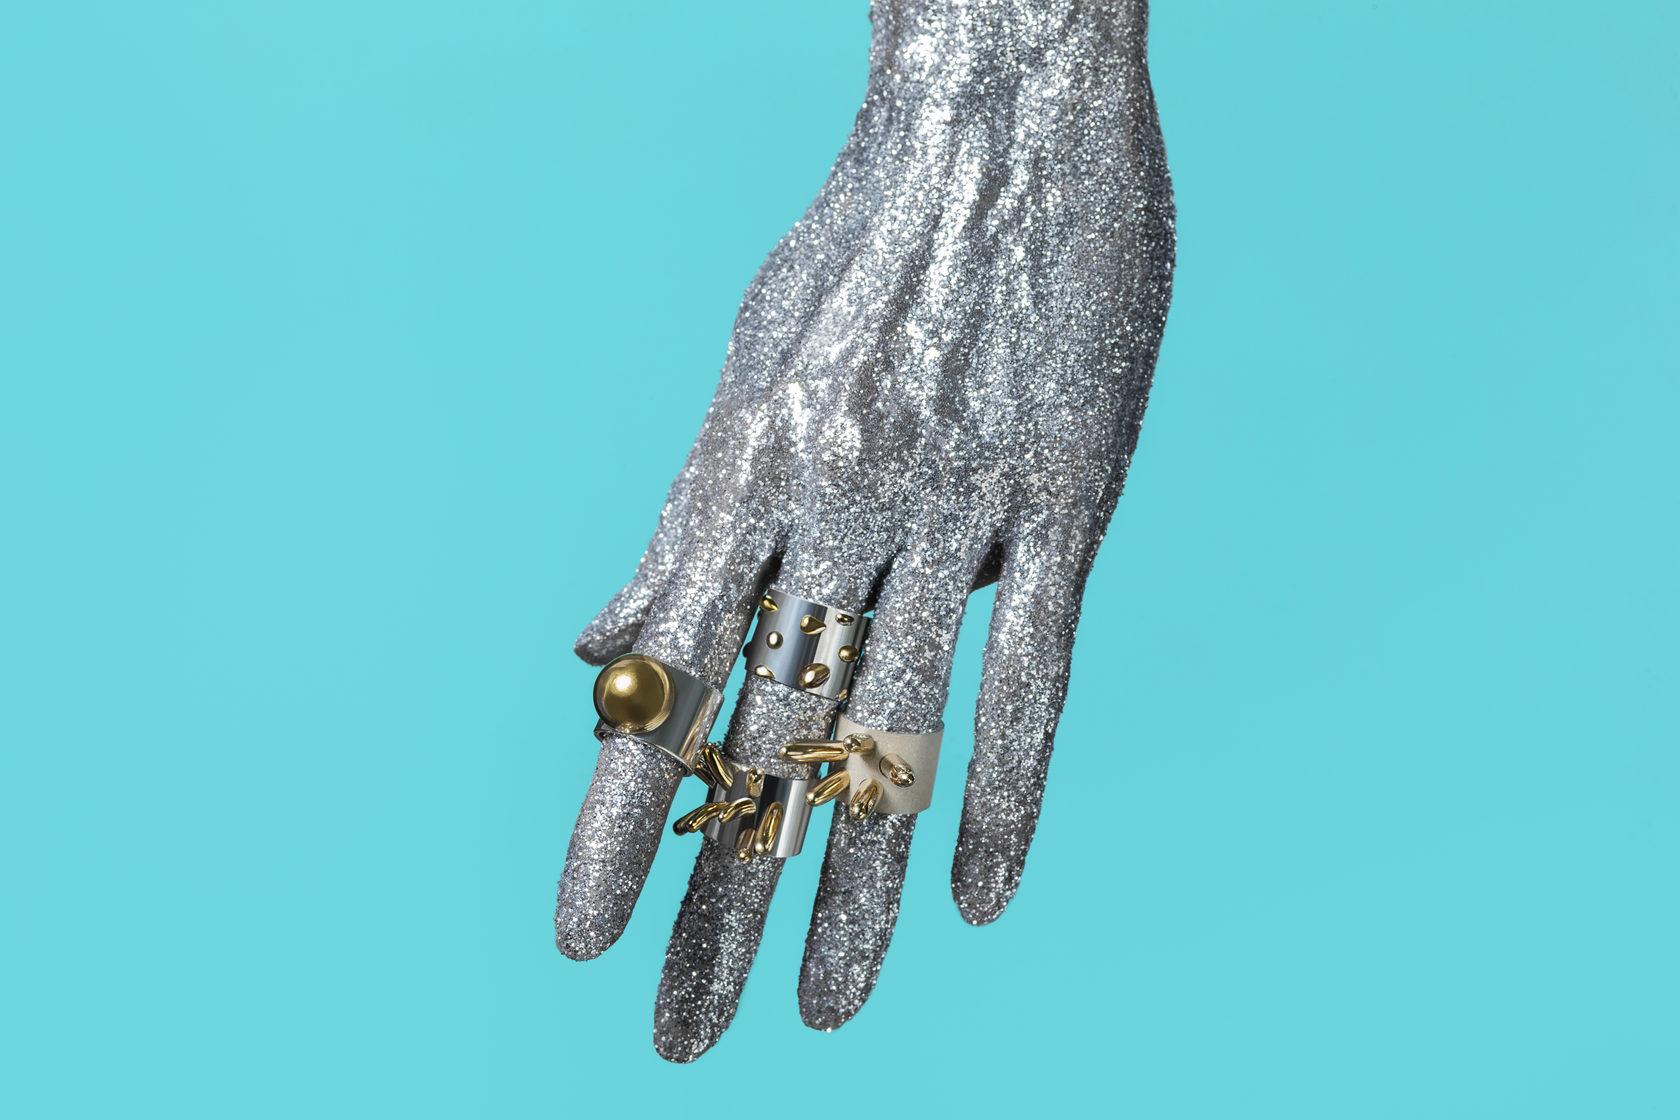 Серебреные и золотые кольца Bubbles коллекция. Яркие весомые украшения. Индивидуальность и стиль.